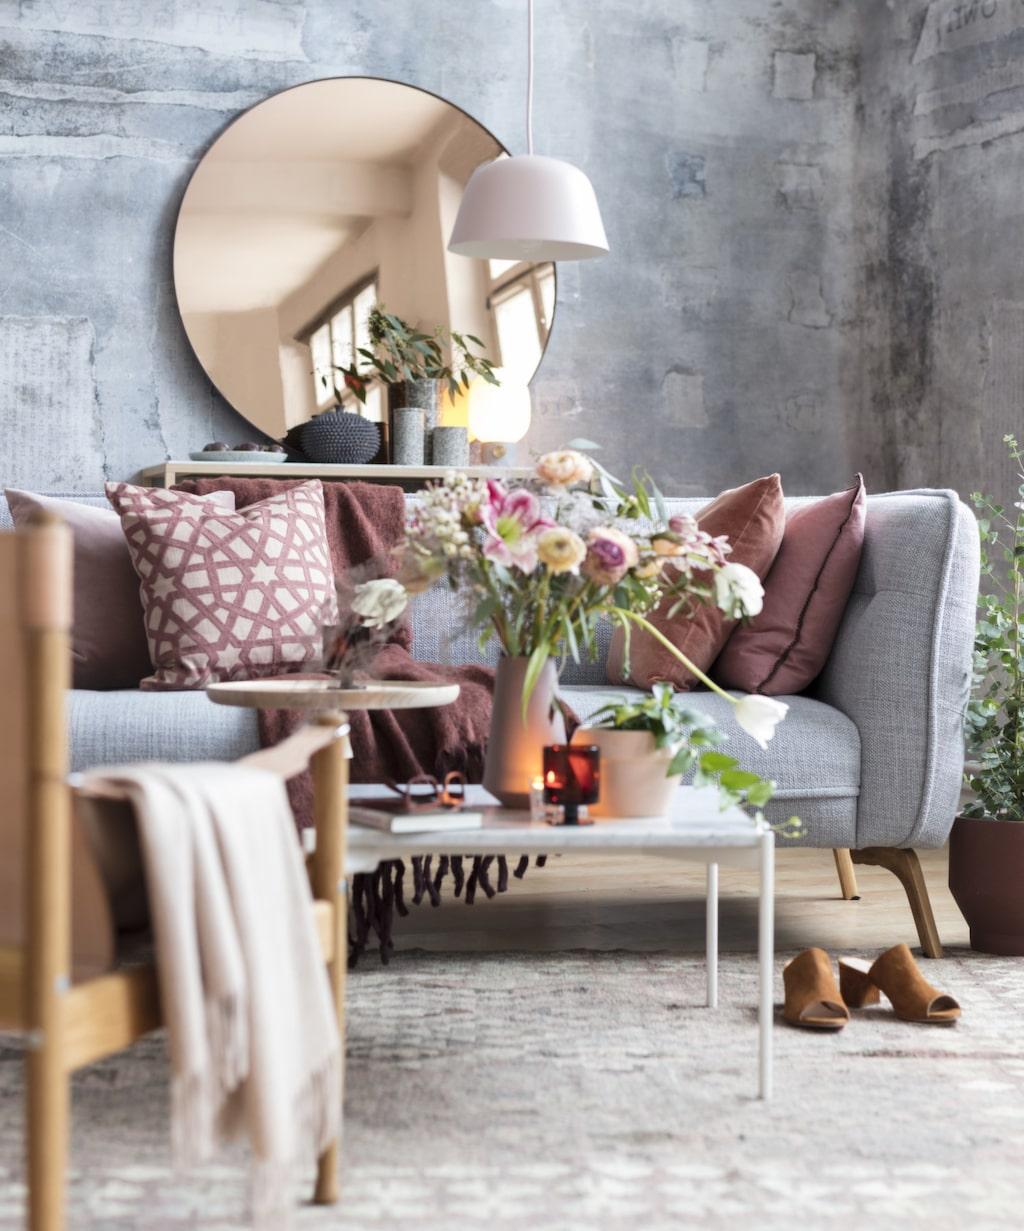 Brända toner! Mixa grå nyanser med rostrött och rosa. Fyll på med blommor, gröna växter, lampor och ljus för en levande känsla.